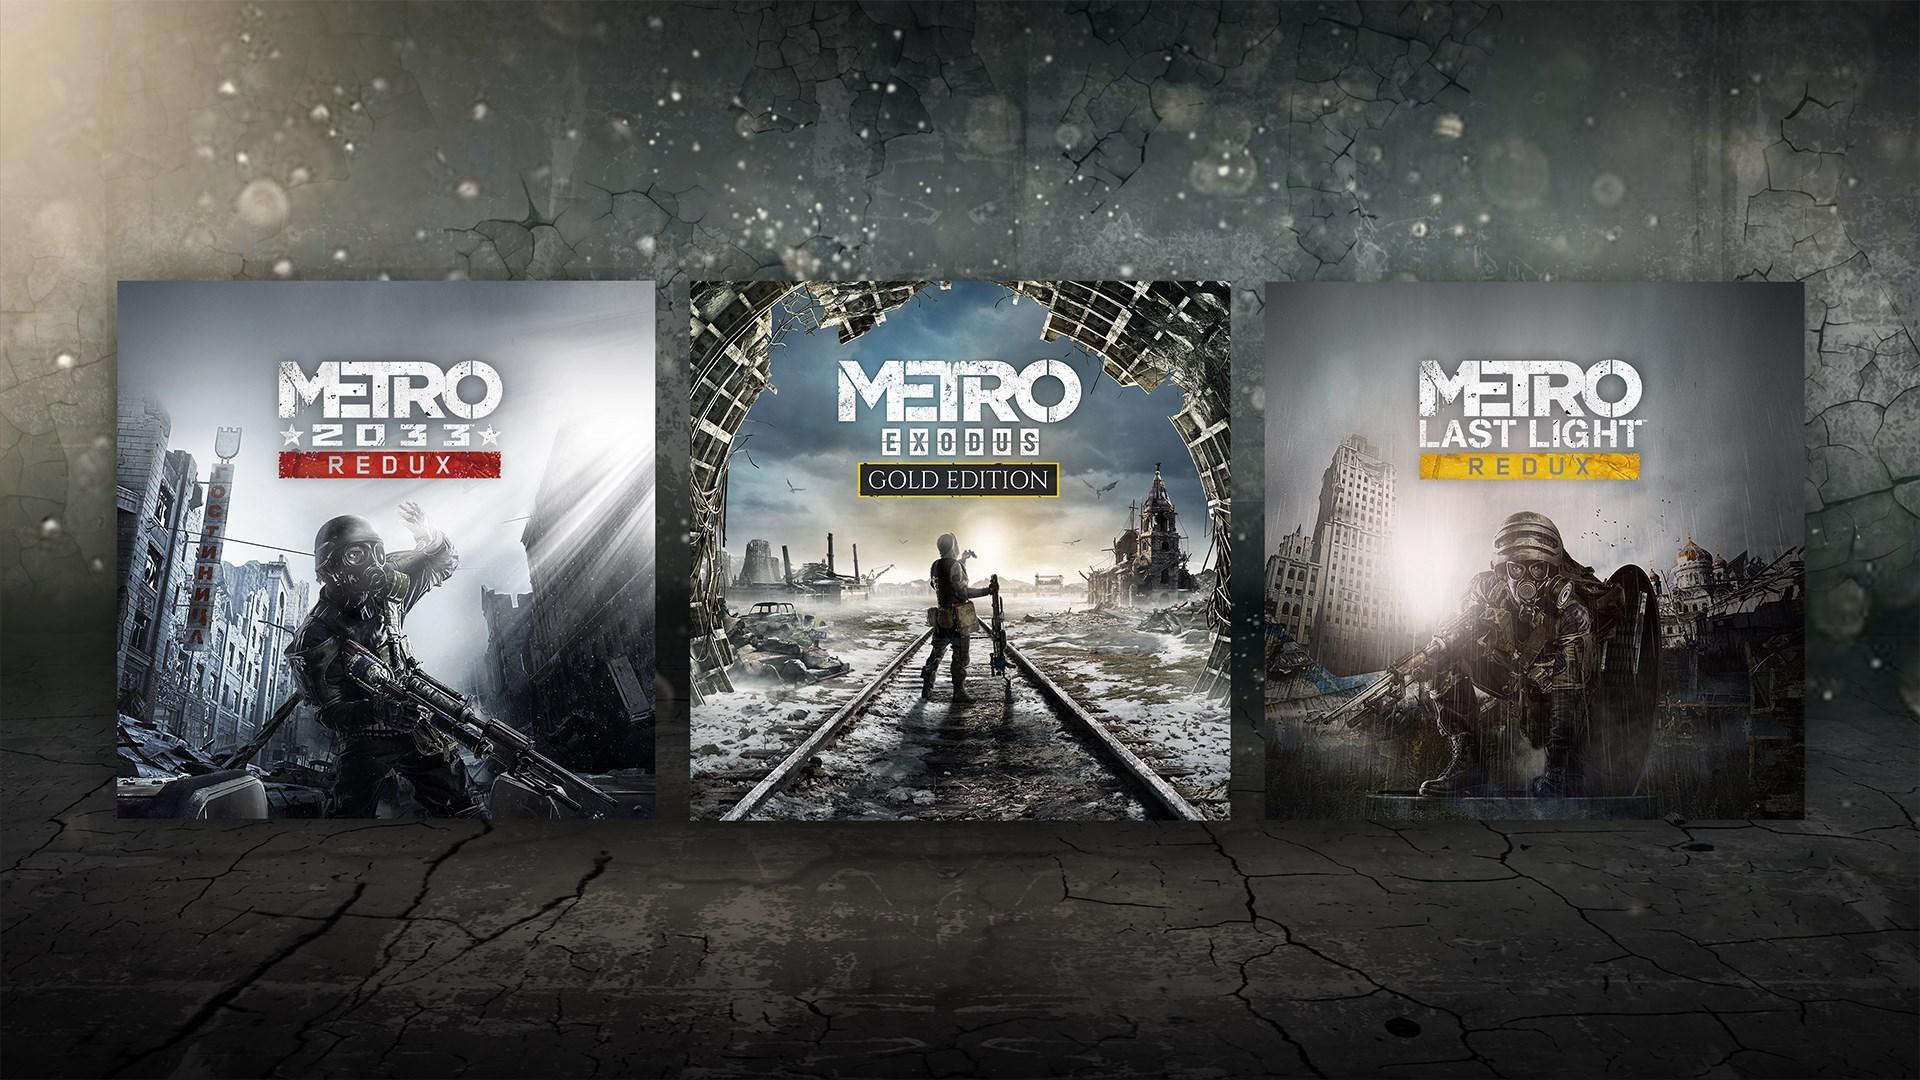 Metro 2033 แจกฟรีบน Steam สามารถซื้ออีก 2 ภาคได้ในราคาถูกมากๆ